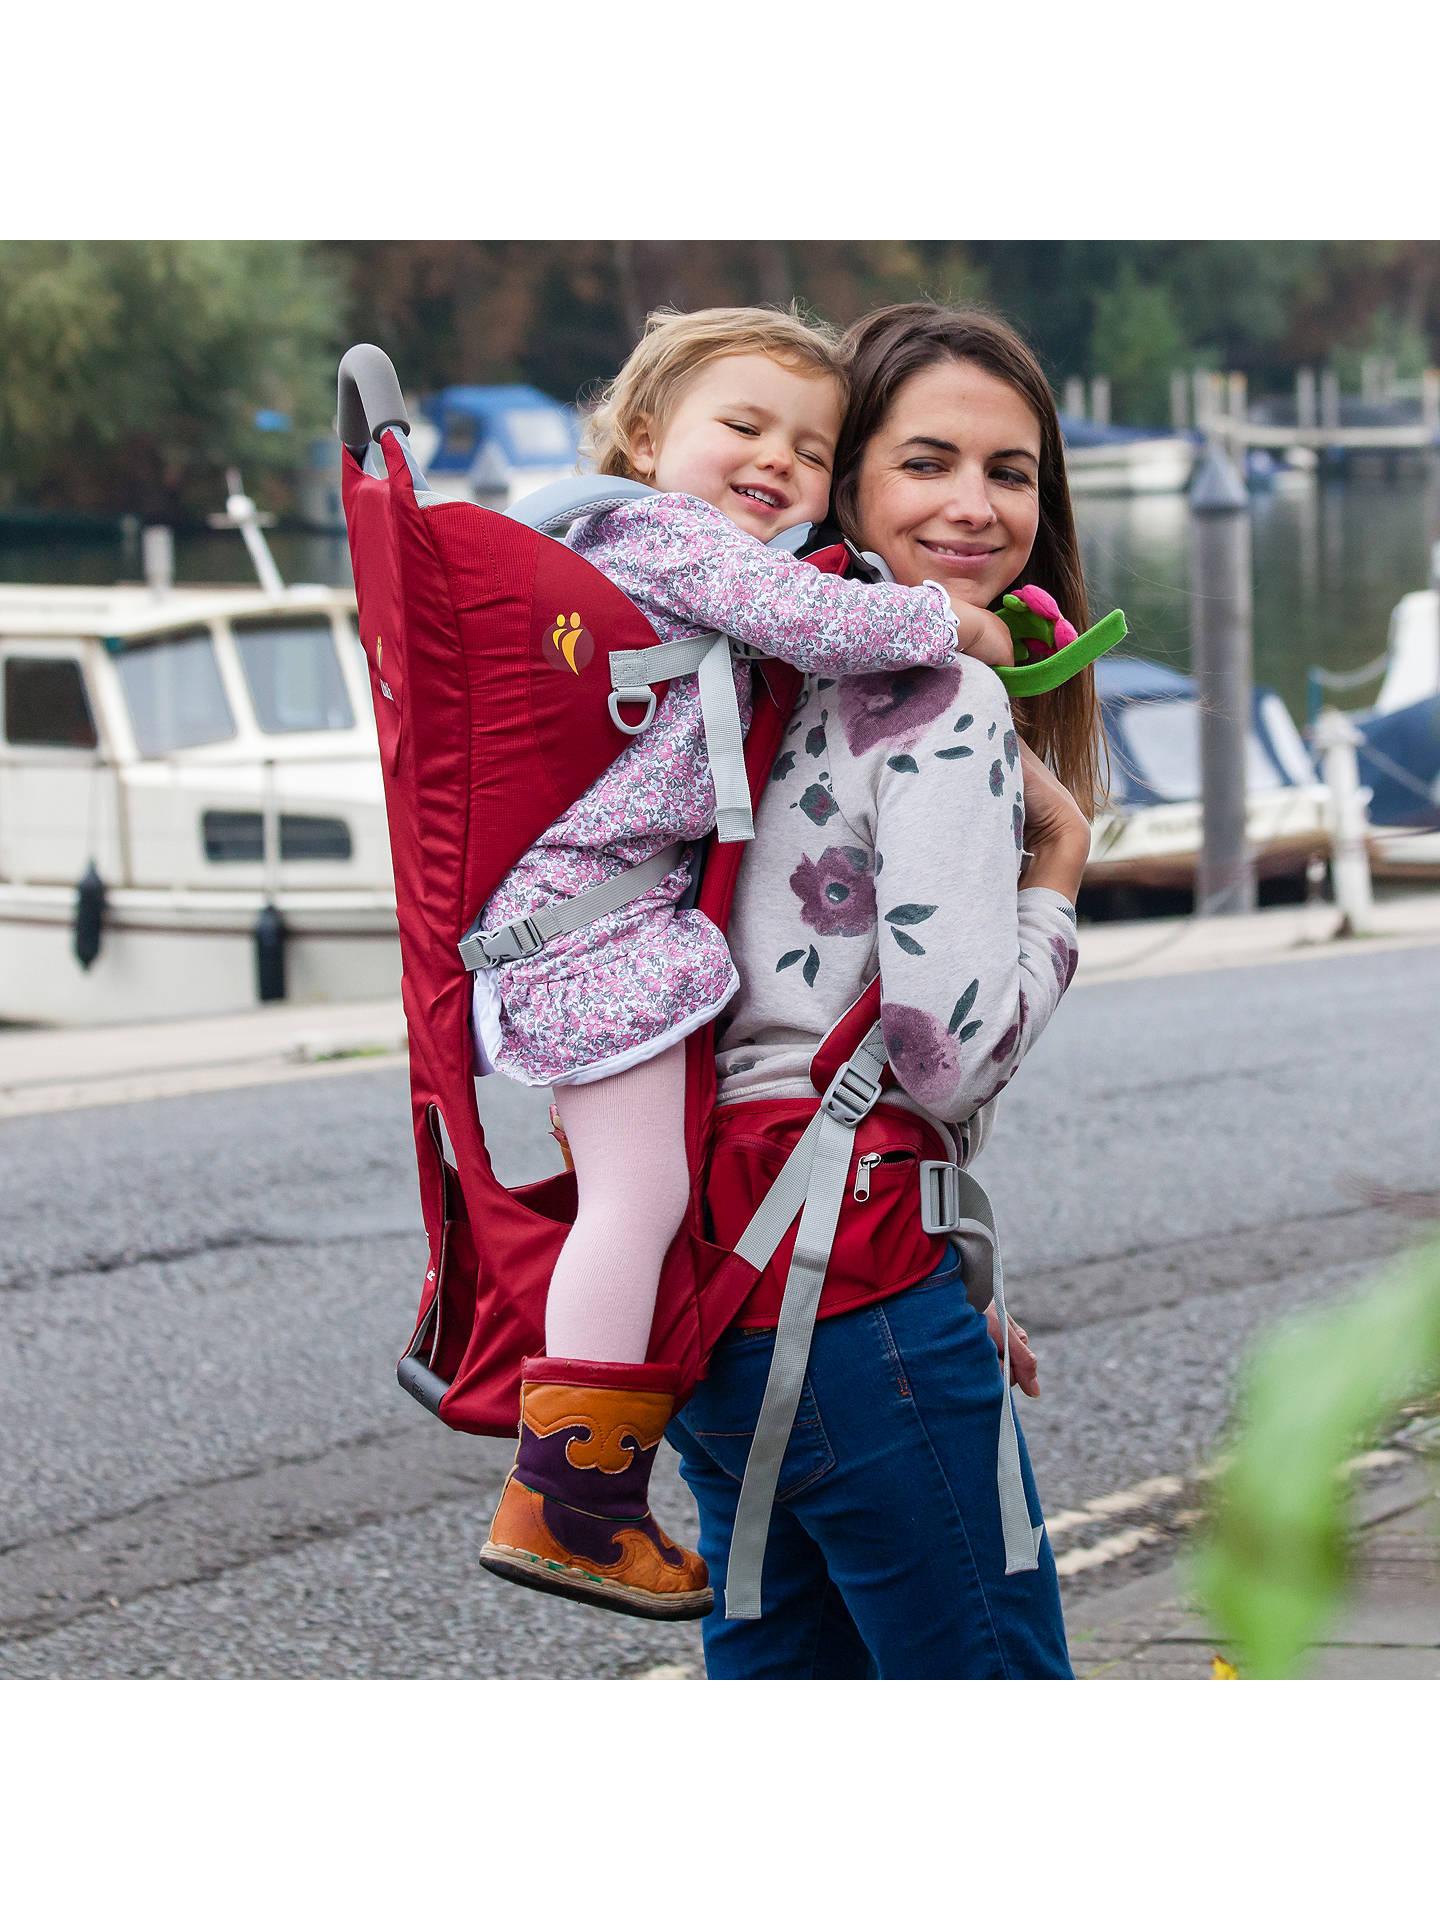 LittleLife Ranger Child Baby carrier